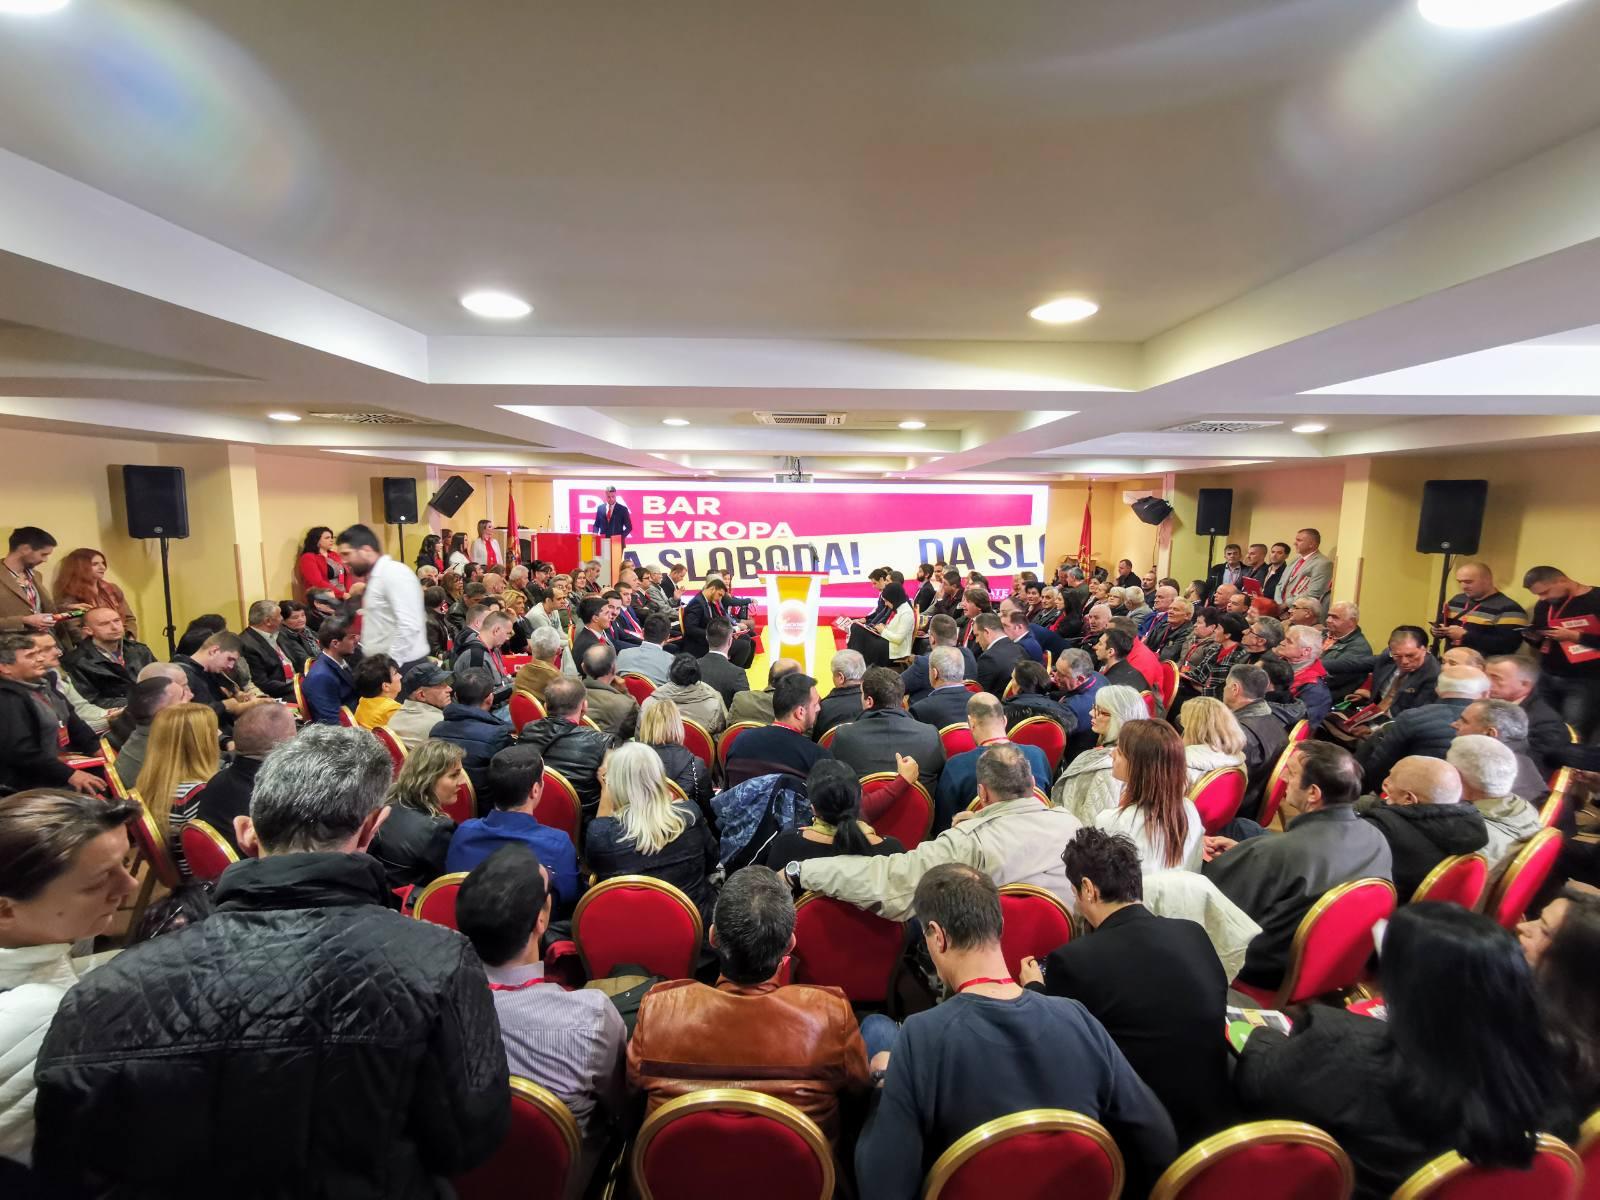 Druga izborna konvencija Demokrata u Baru